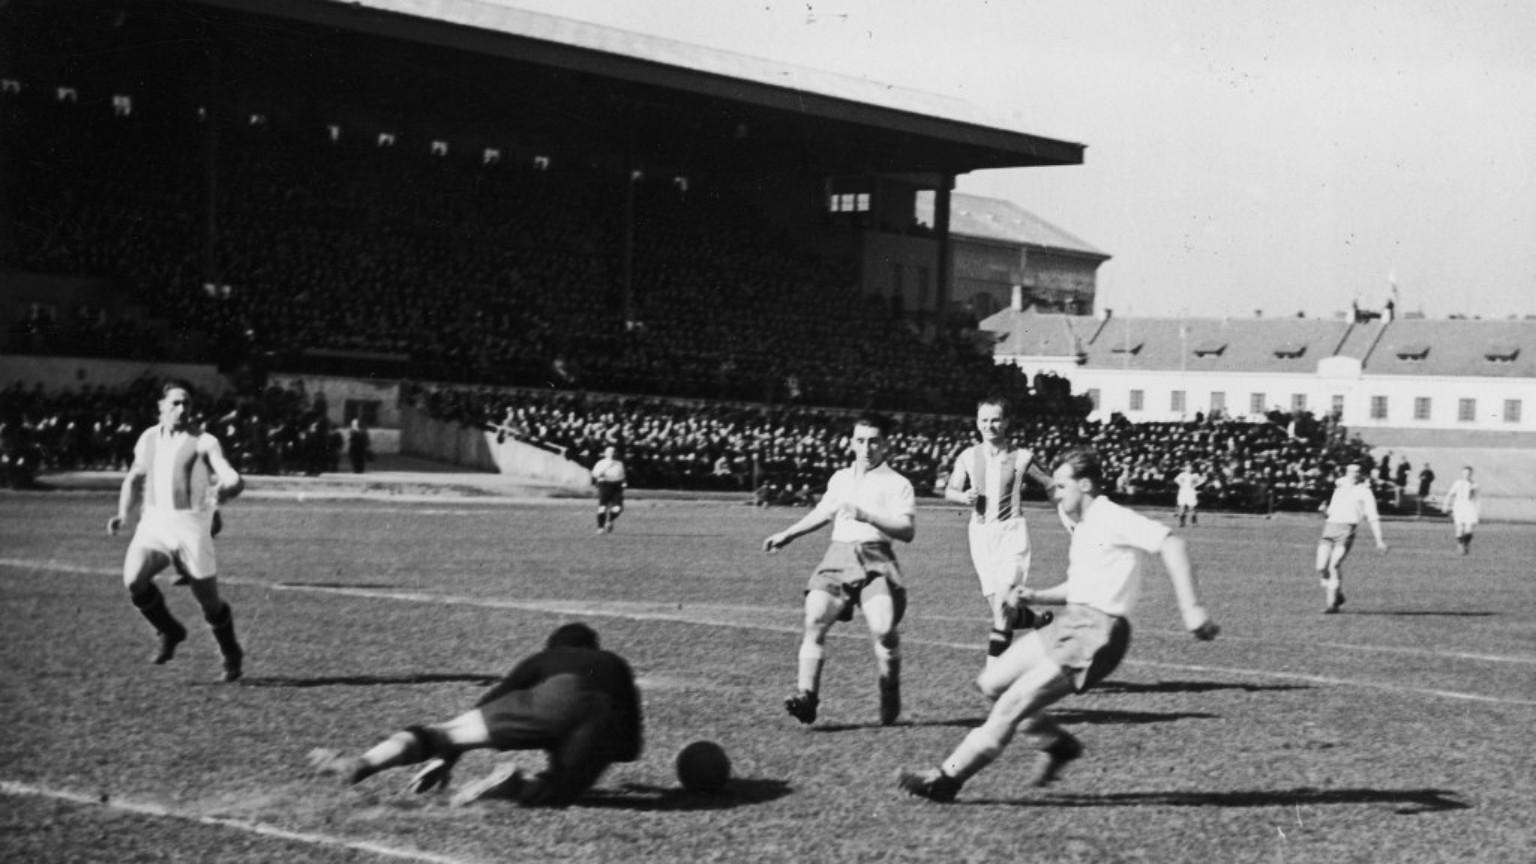 Zdjęcie dla kartki: Oficjalne otwarcie Stadionu Wojska Polskiego przy ul. Łazienkowskiej